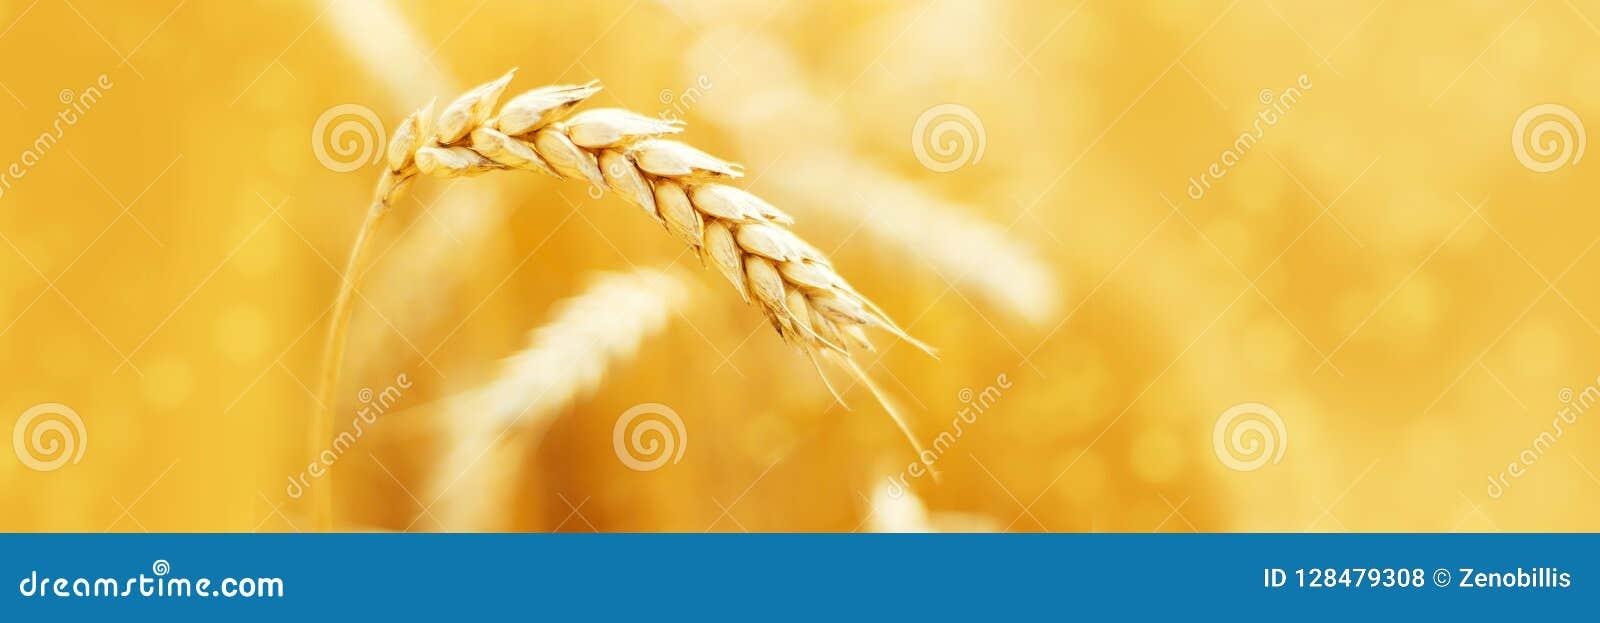 Mogna öron av råg i fält under åkerbrukt sommarlandskap för skörd lantlig plats Makro panorama- bild